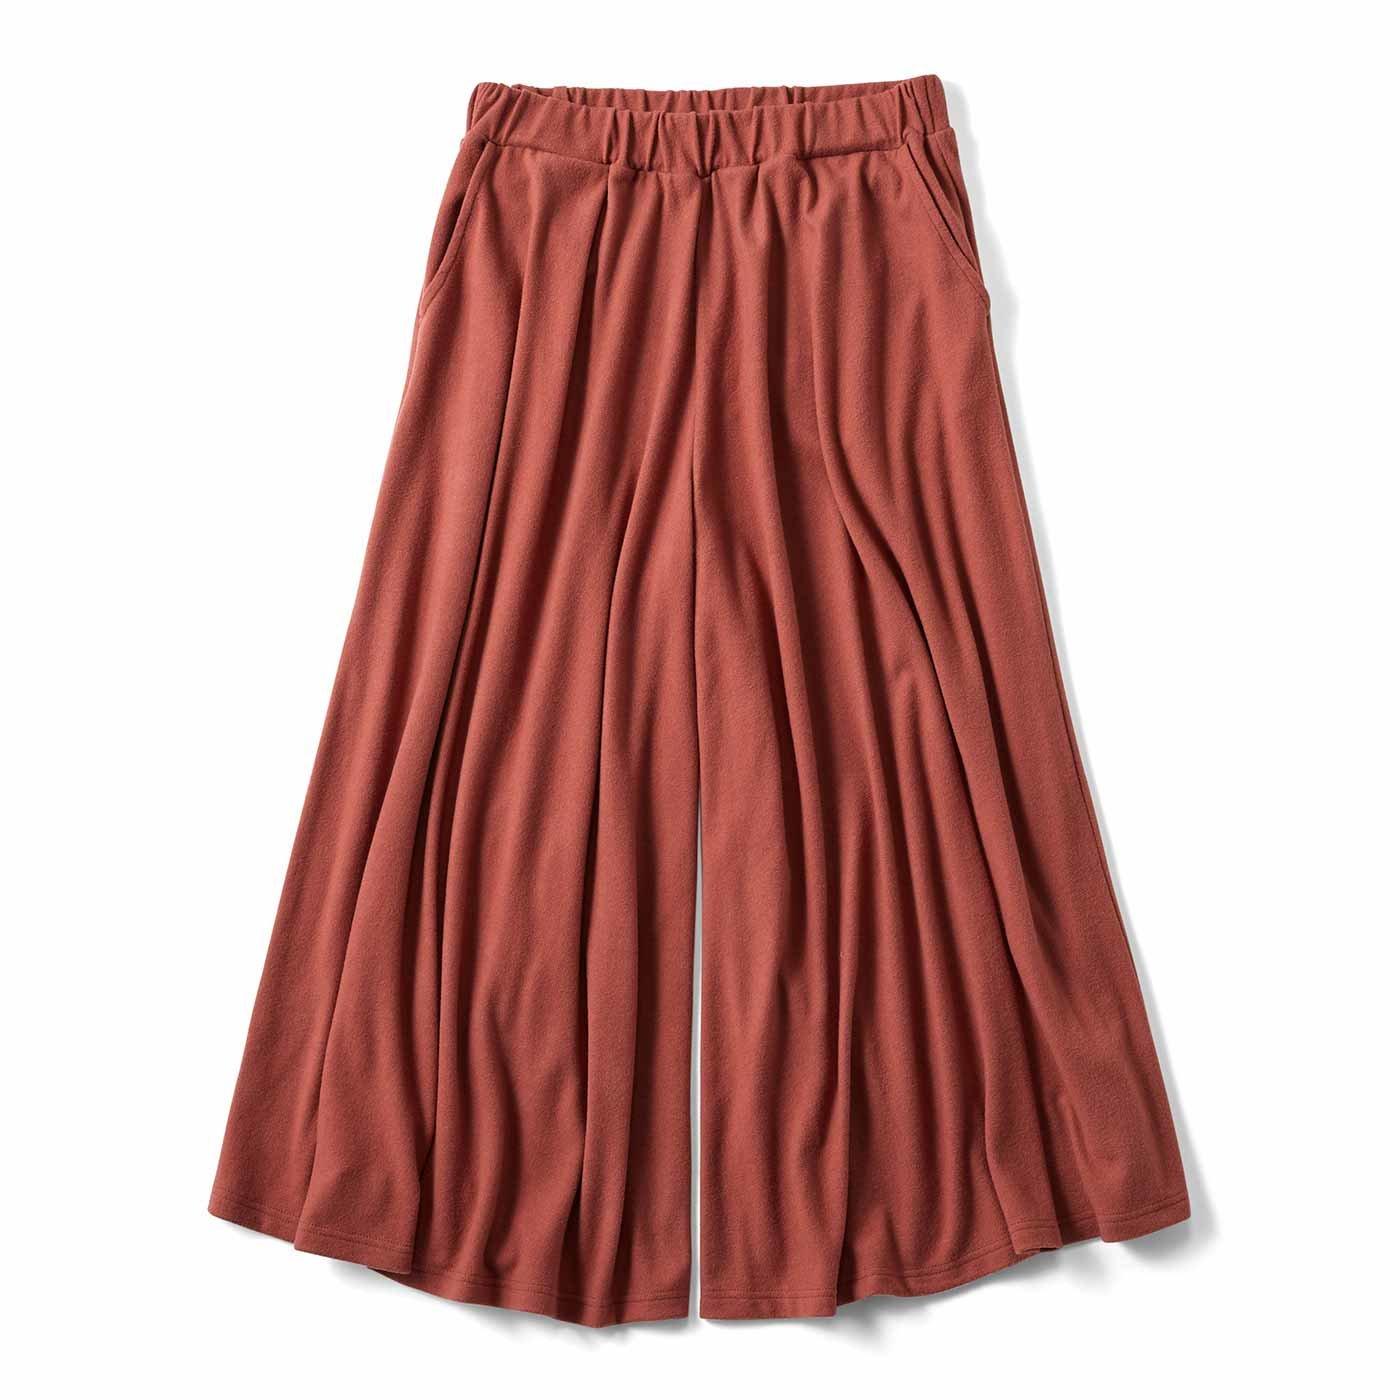 リブ イン コンフォート スカートみたいなやわらか微起毛 カットソーガウチョパンツ〈コーラルオレンジ〉